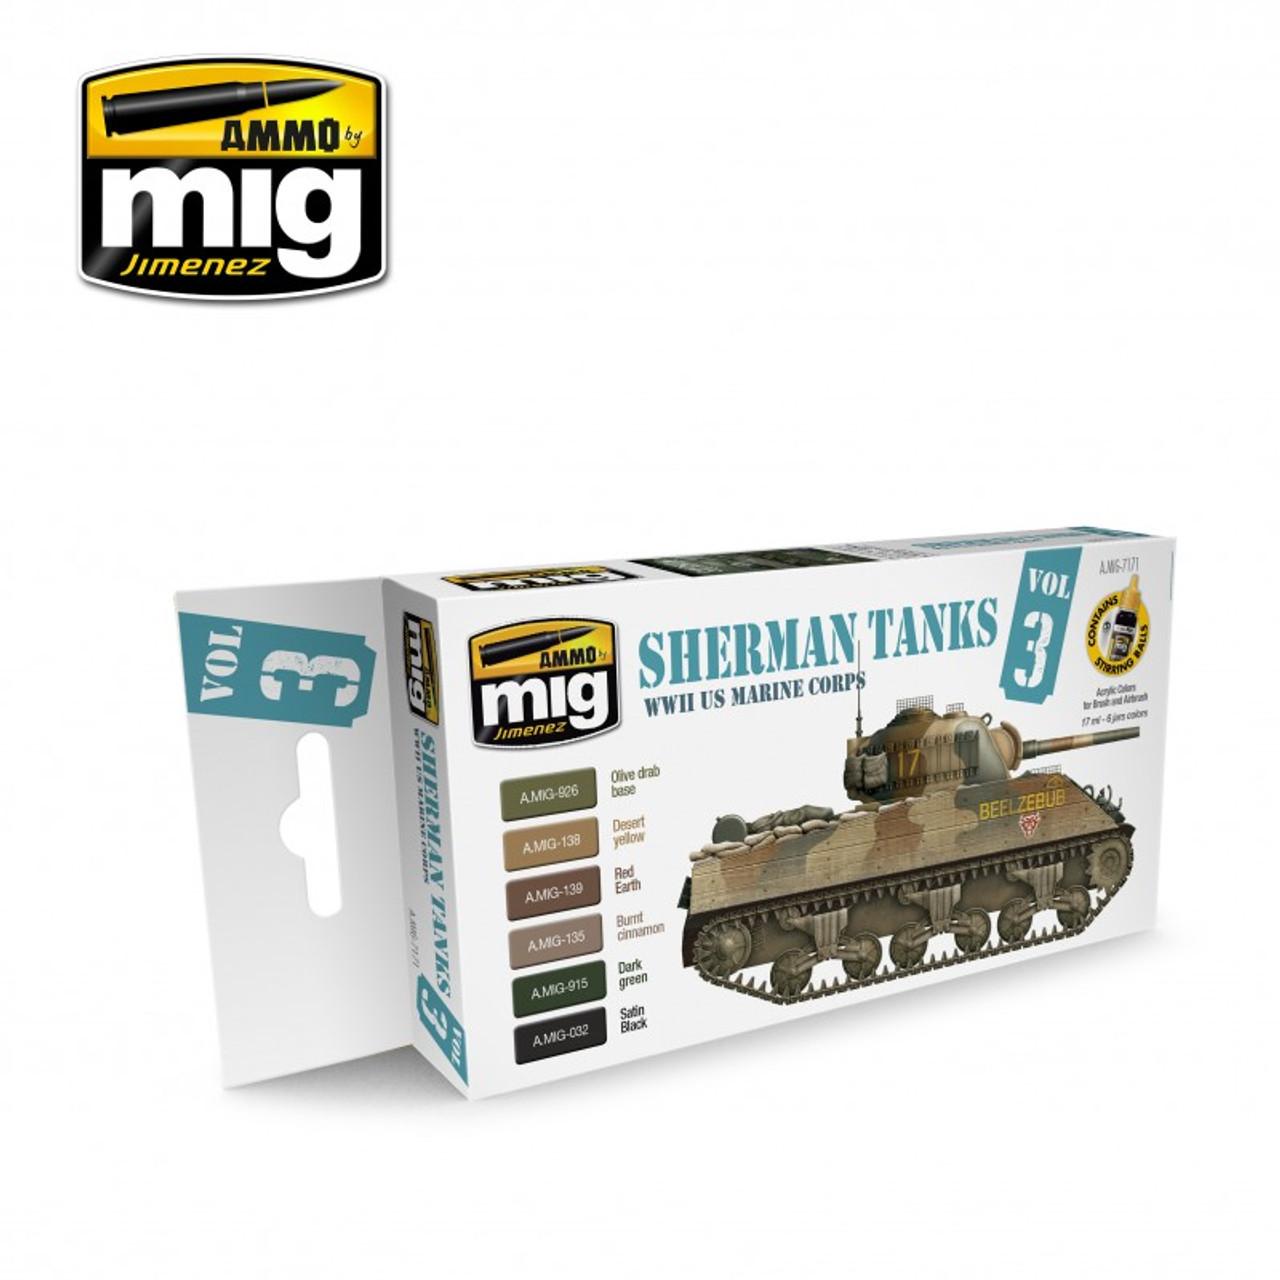 WWII US Marine Corps Sherman Tanks Acrylic Paint Set (6 colors) AMMO of Mig  Jimenez